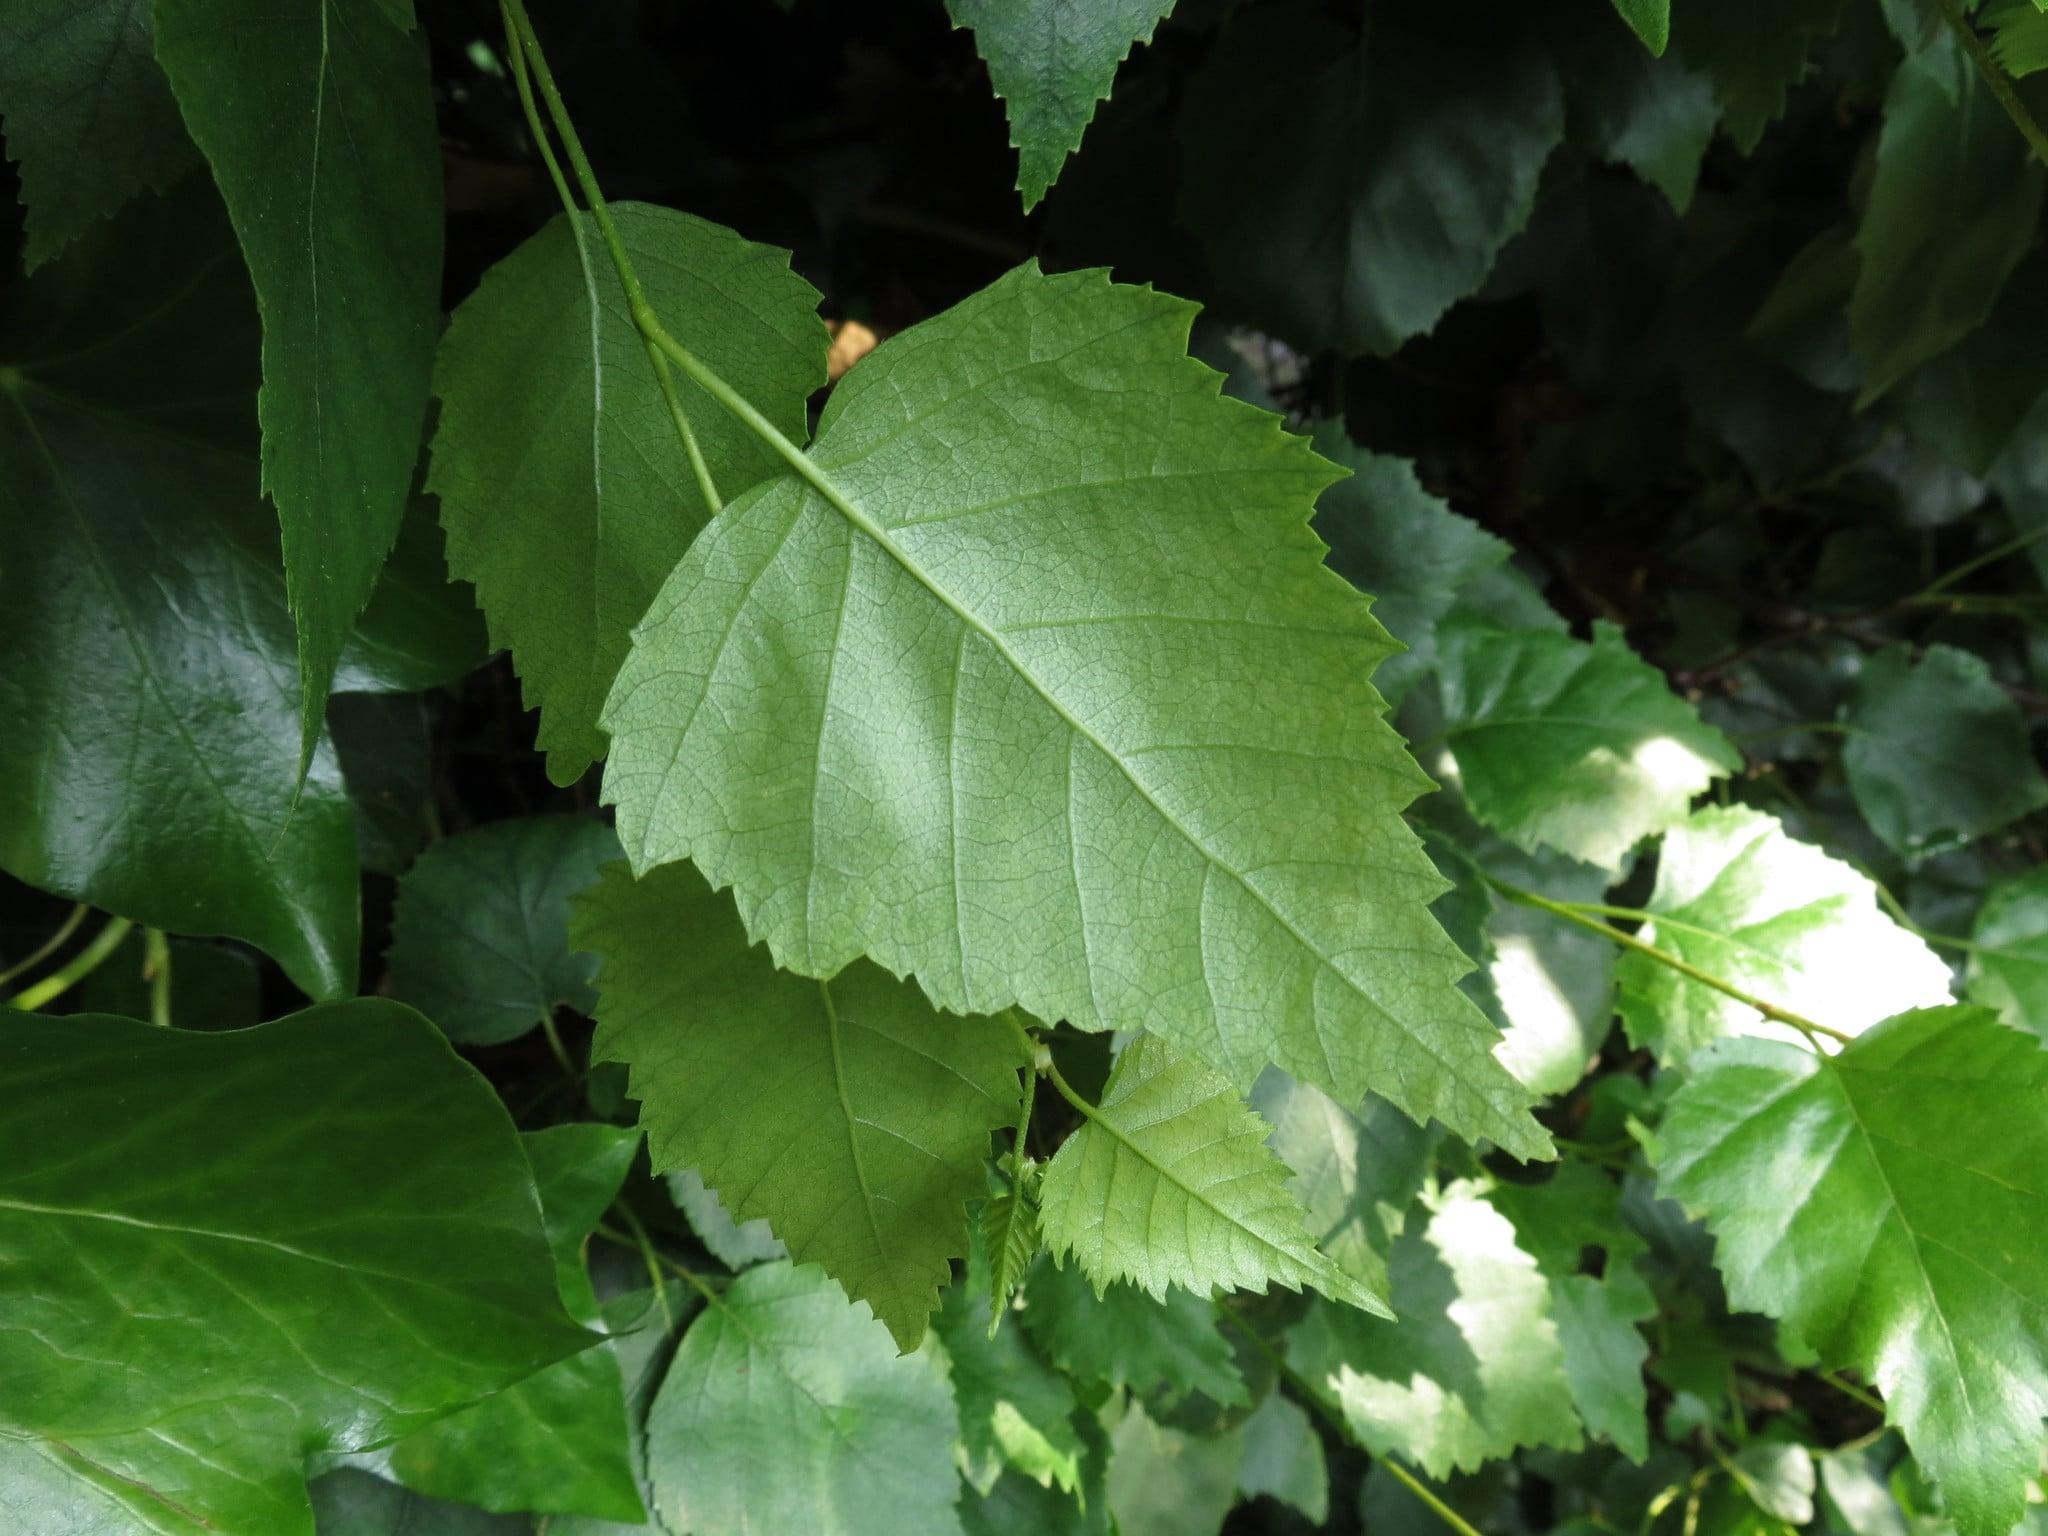 Las hojas de abedul son simples